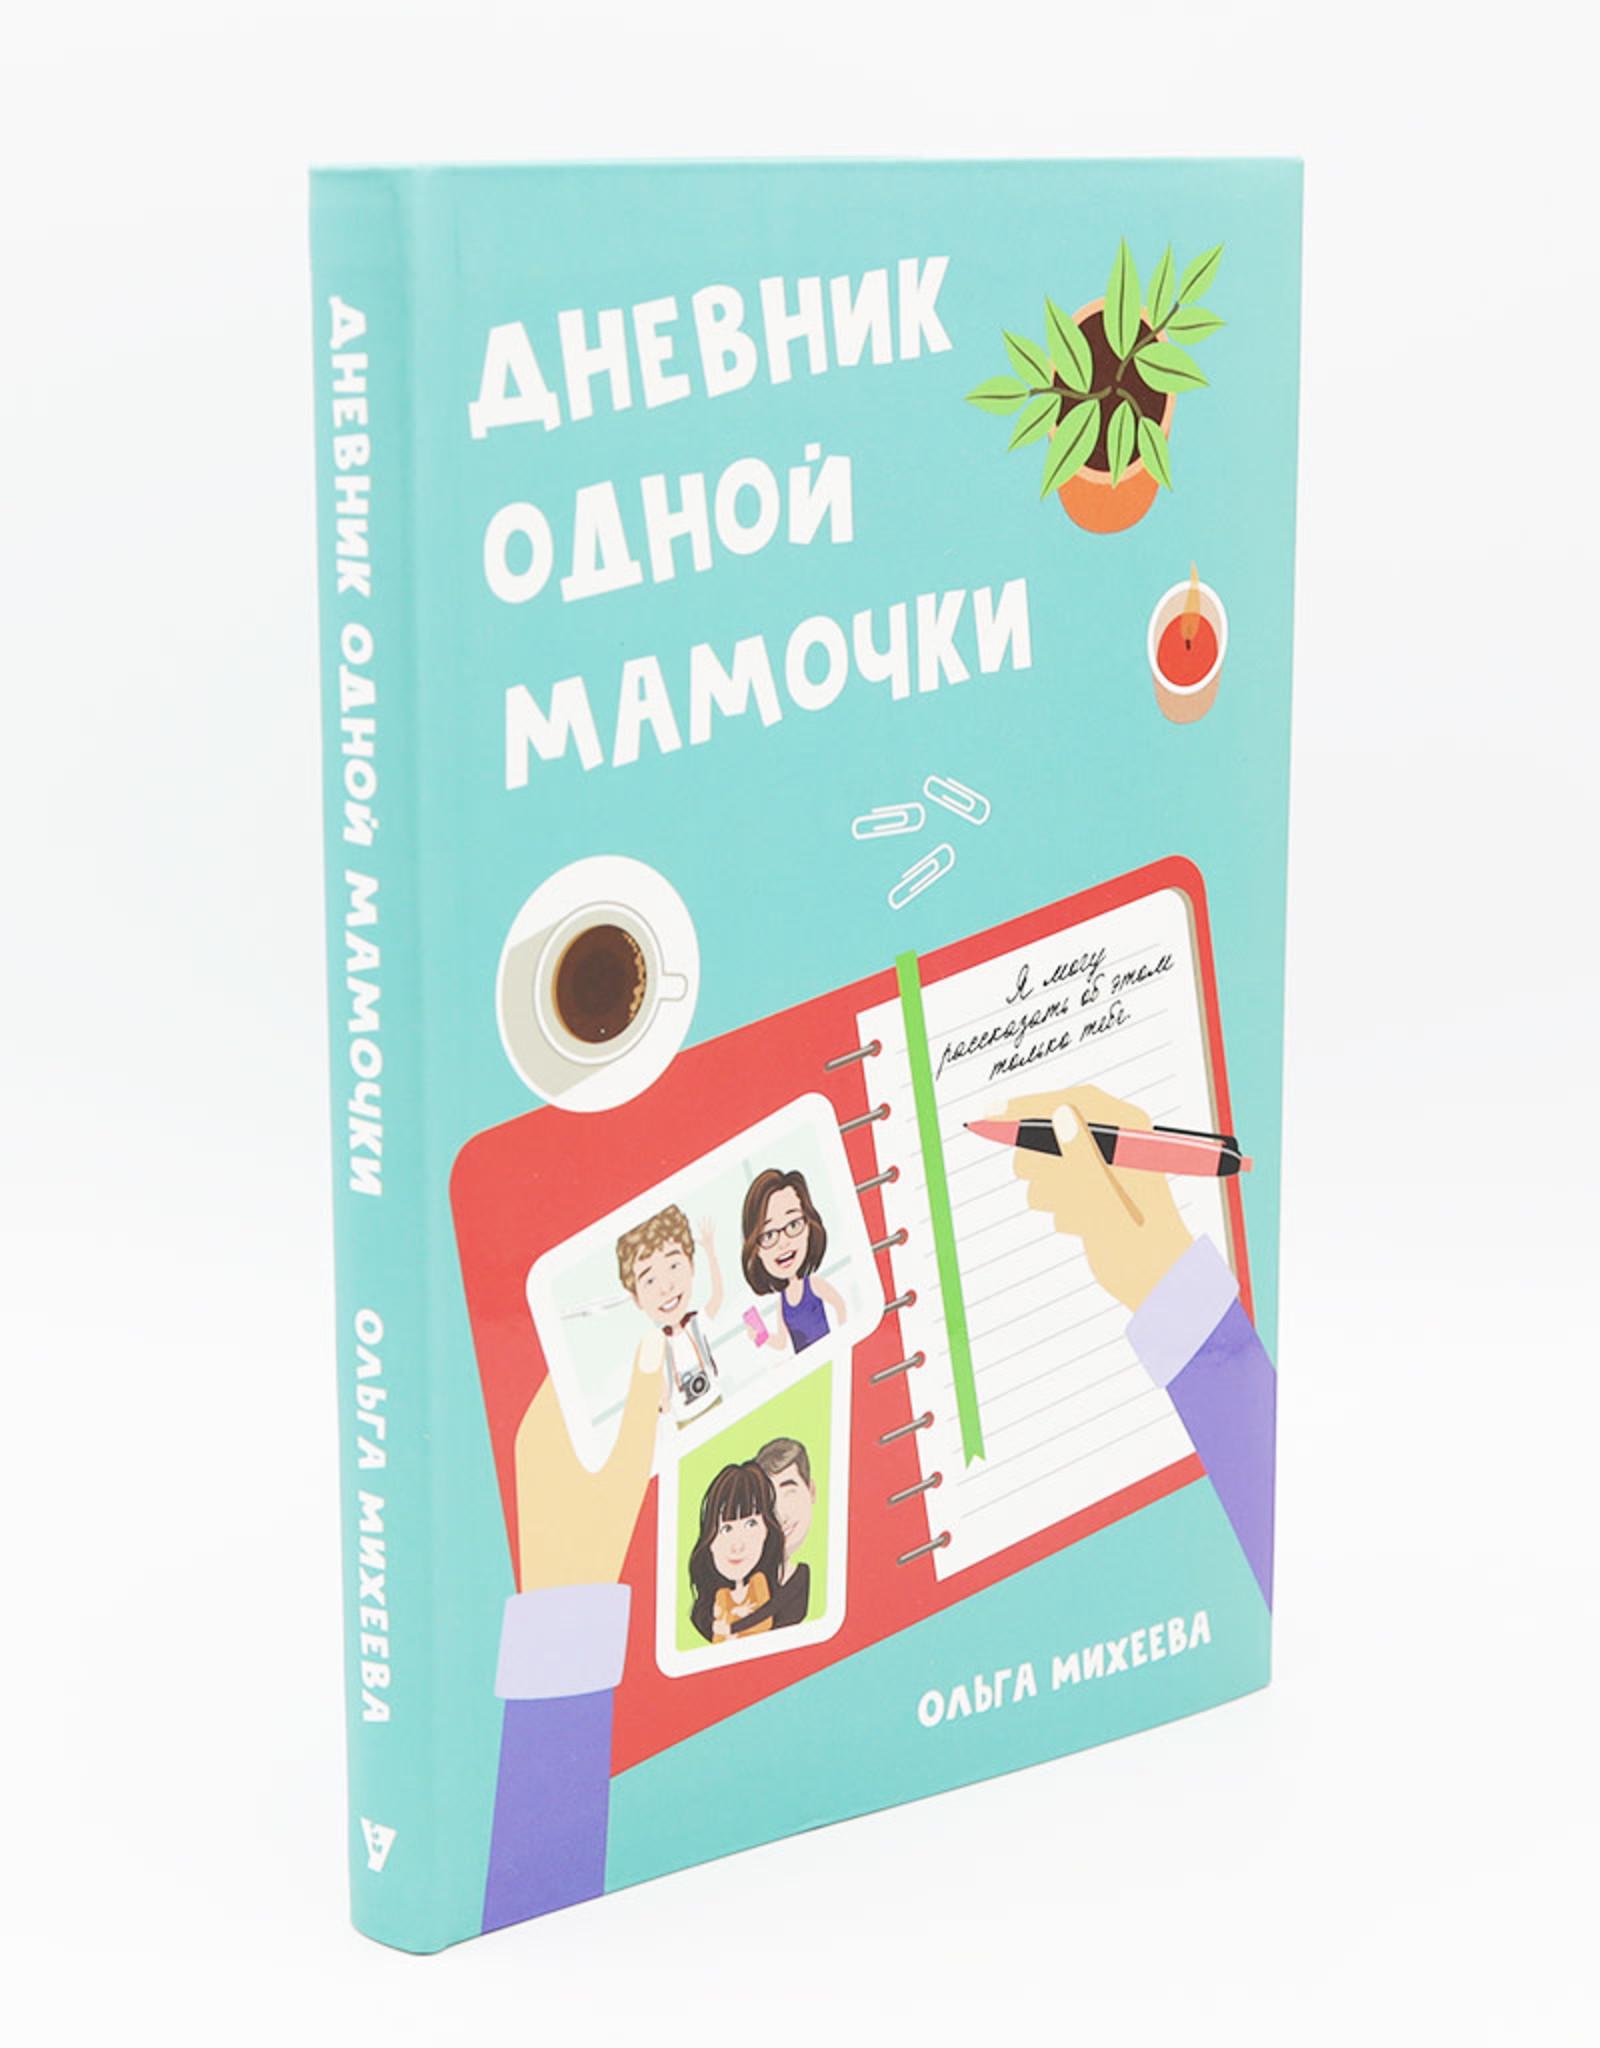 Дневник Одной Мамочки, Михеева